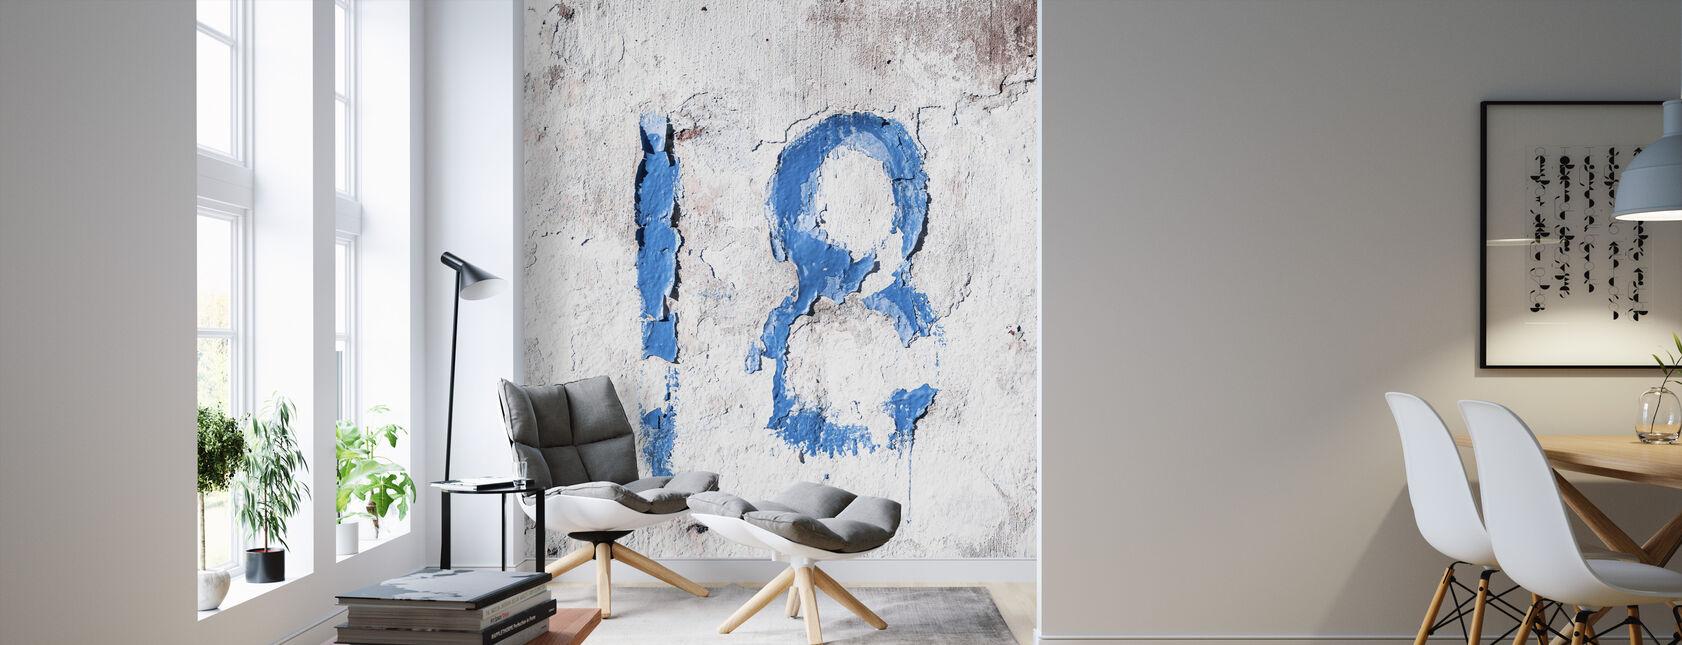 Eighteen - Wallpaper - Living Room